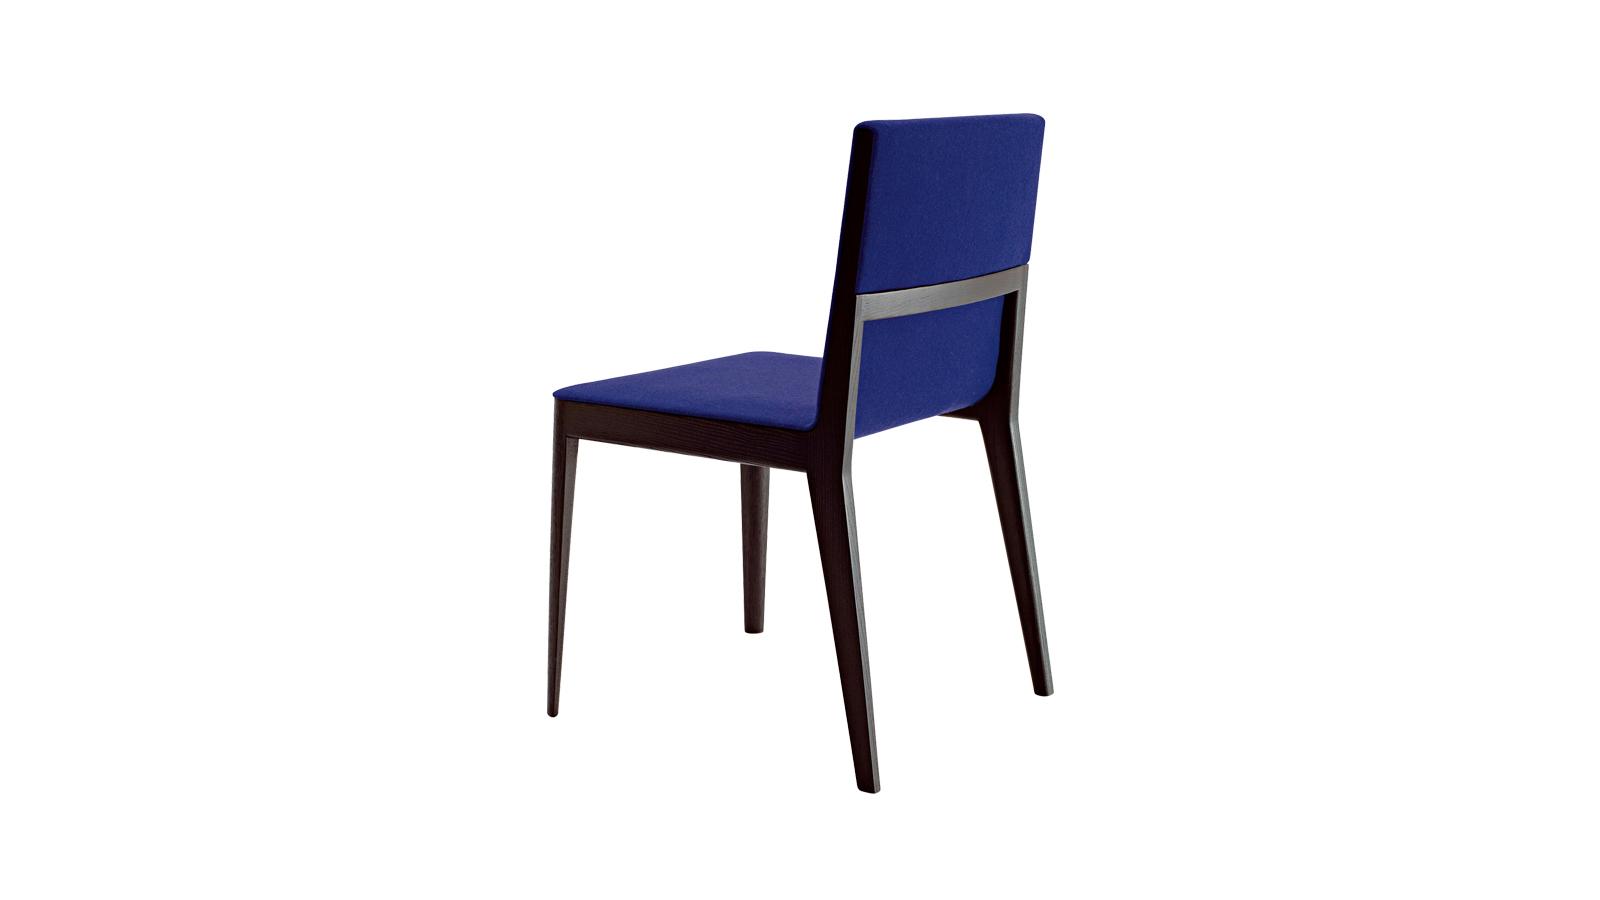 """""""Egyesíti a geometriát és a lágyságot, a profi famegmunkálási ismereteket és a technológiát. Az Elt a precíz részletek, különösen az ülés és a háttámla kerületén végigfutó párnázott bútorelem teszi párját ritkító, csodálatos tárggyá. A faváz optikailag csökkenti a szék térfogatát, miközben figyelemre méltó kényelmet és bizonyos mértékig rugalmasságot is garantál. """""""